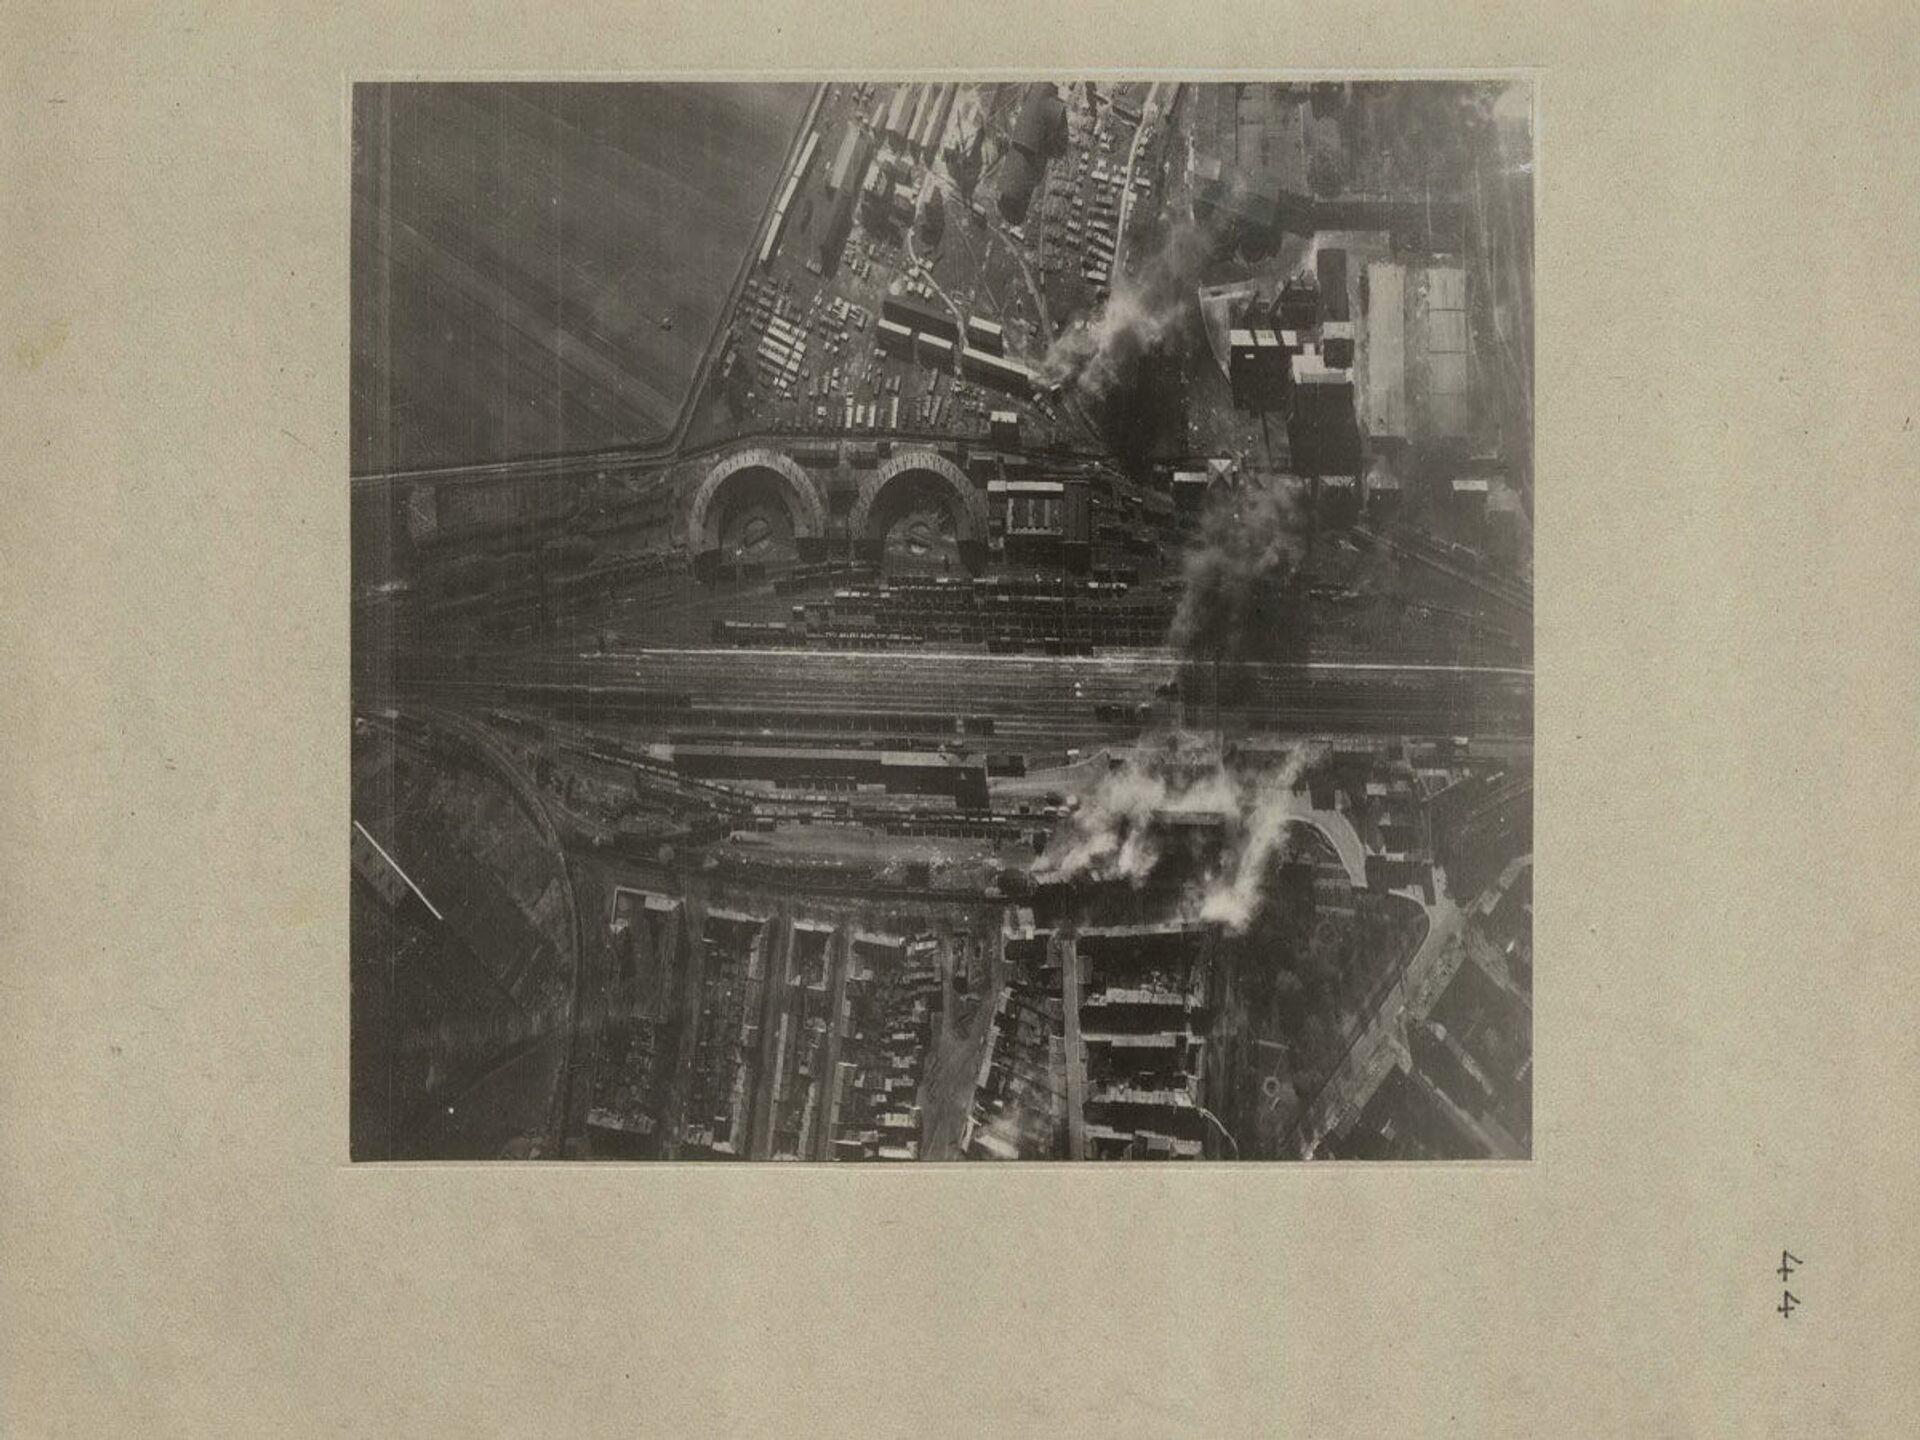 Osvobození Bratislavy, r. 1945. Záběr ze vzduchu - Sputnik Česká republika, 1920, 20.04.2021